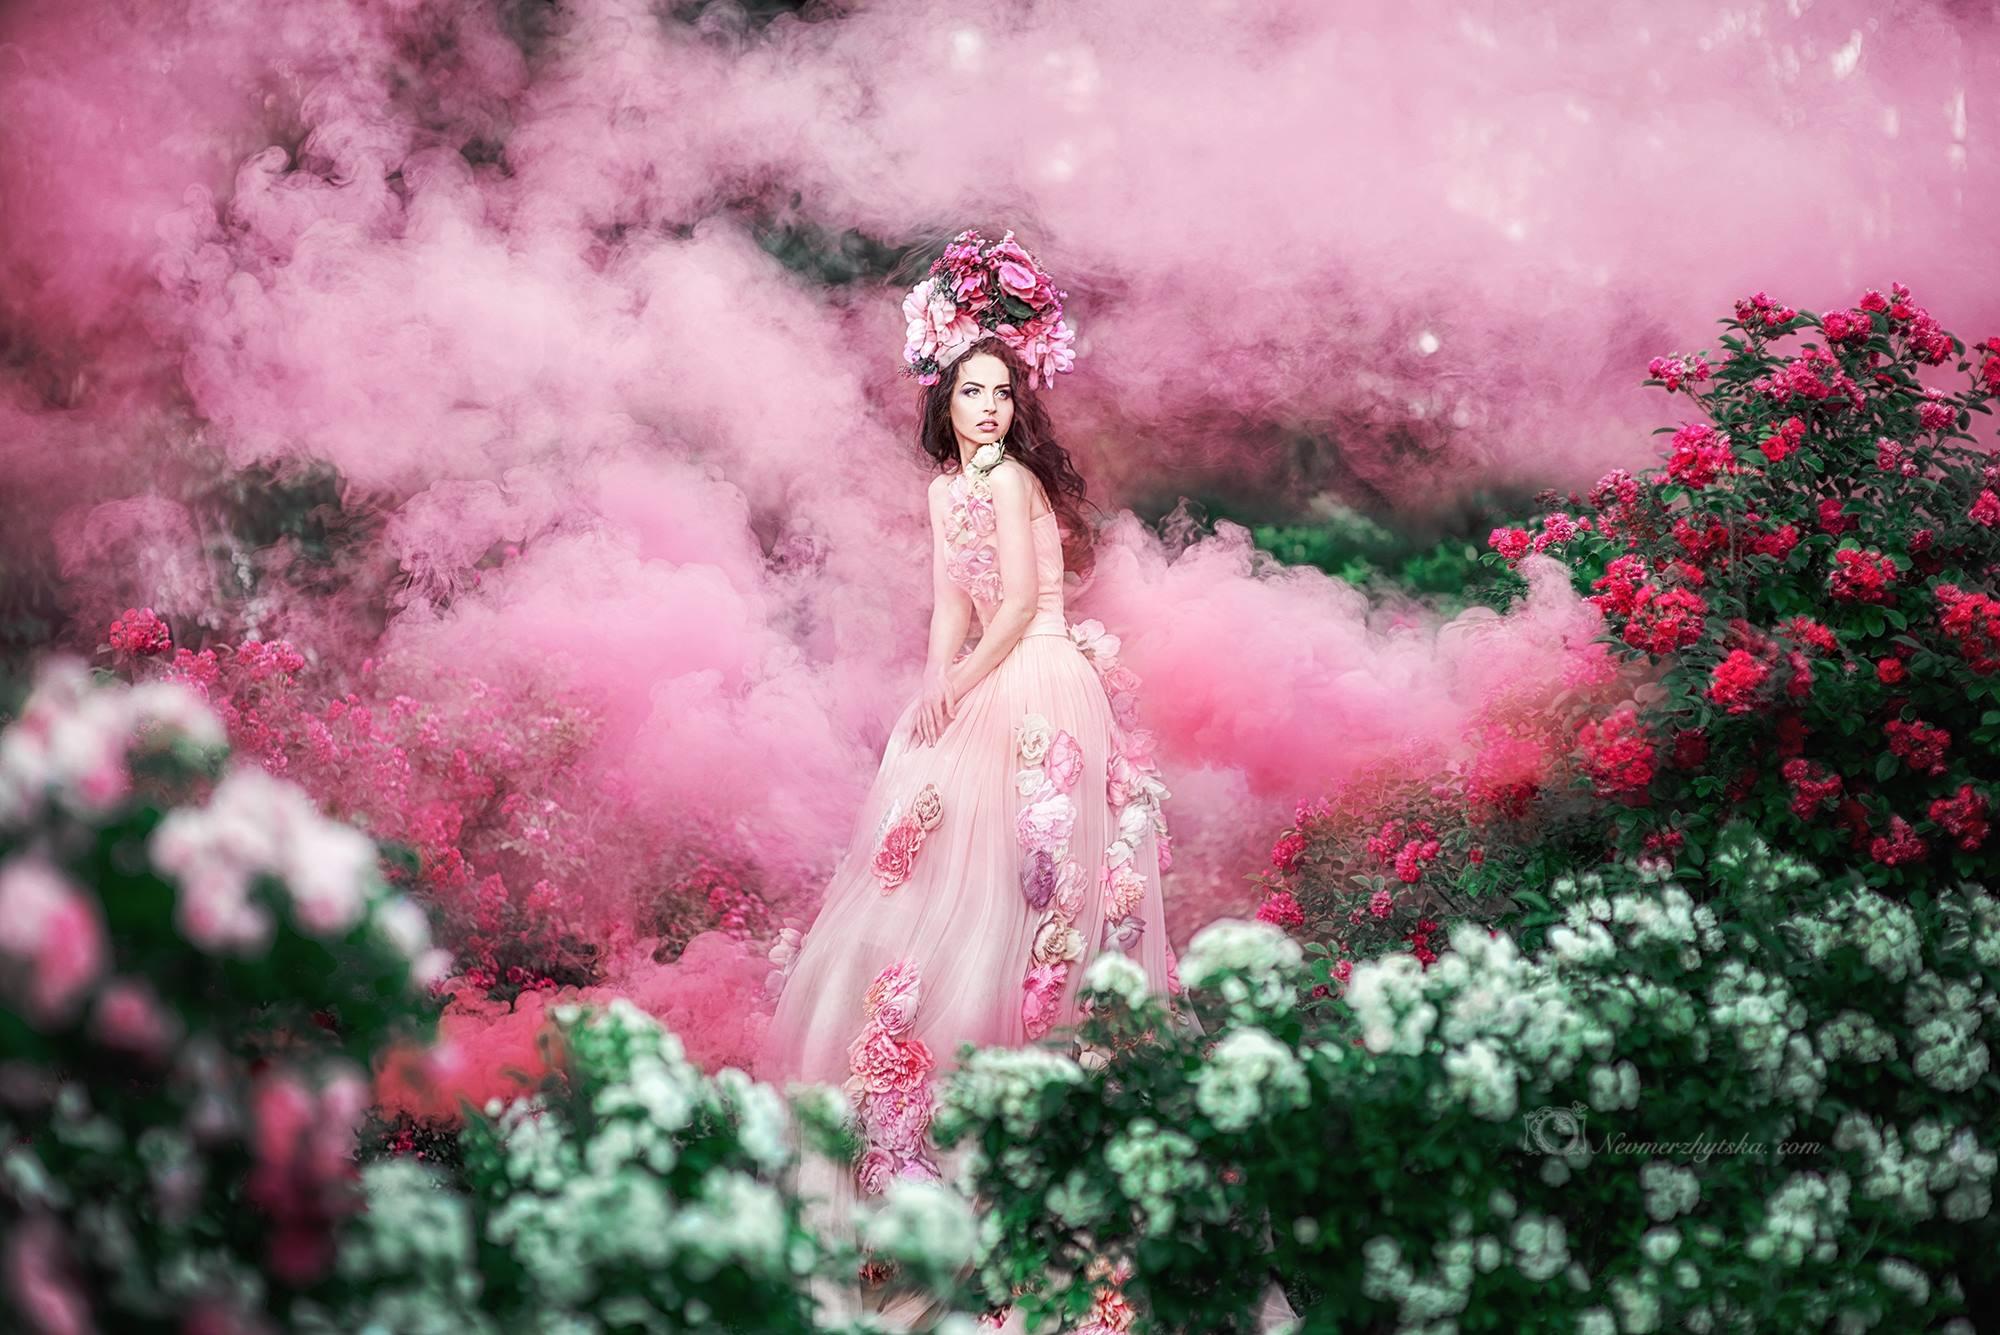 Эксклюзивное платье в аренду для фотосессий по авторскому дизайну Ольги Садовской, подходит для съемки беременности и семейных фемили луков с дочками